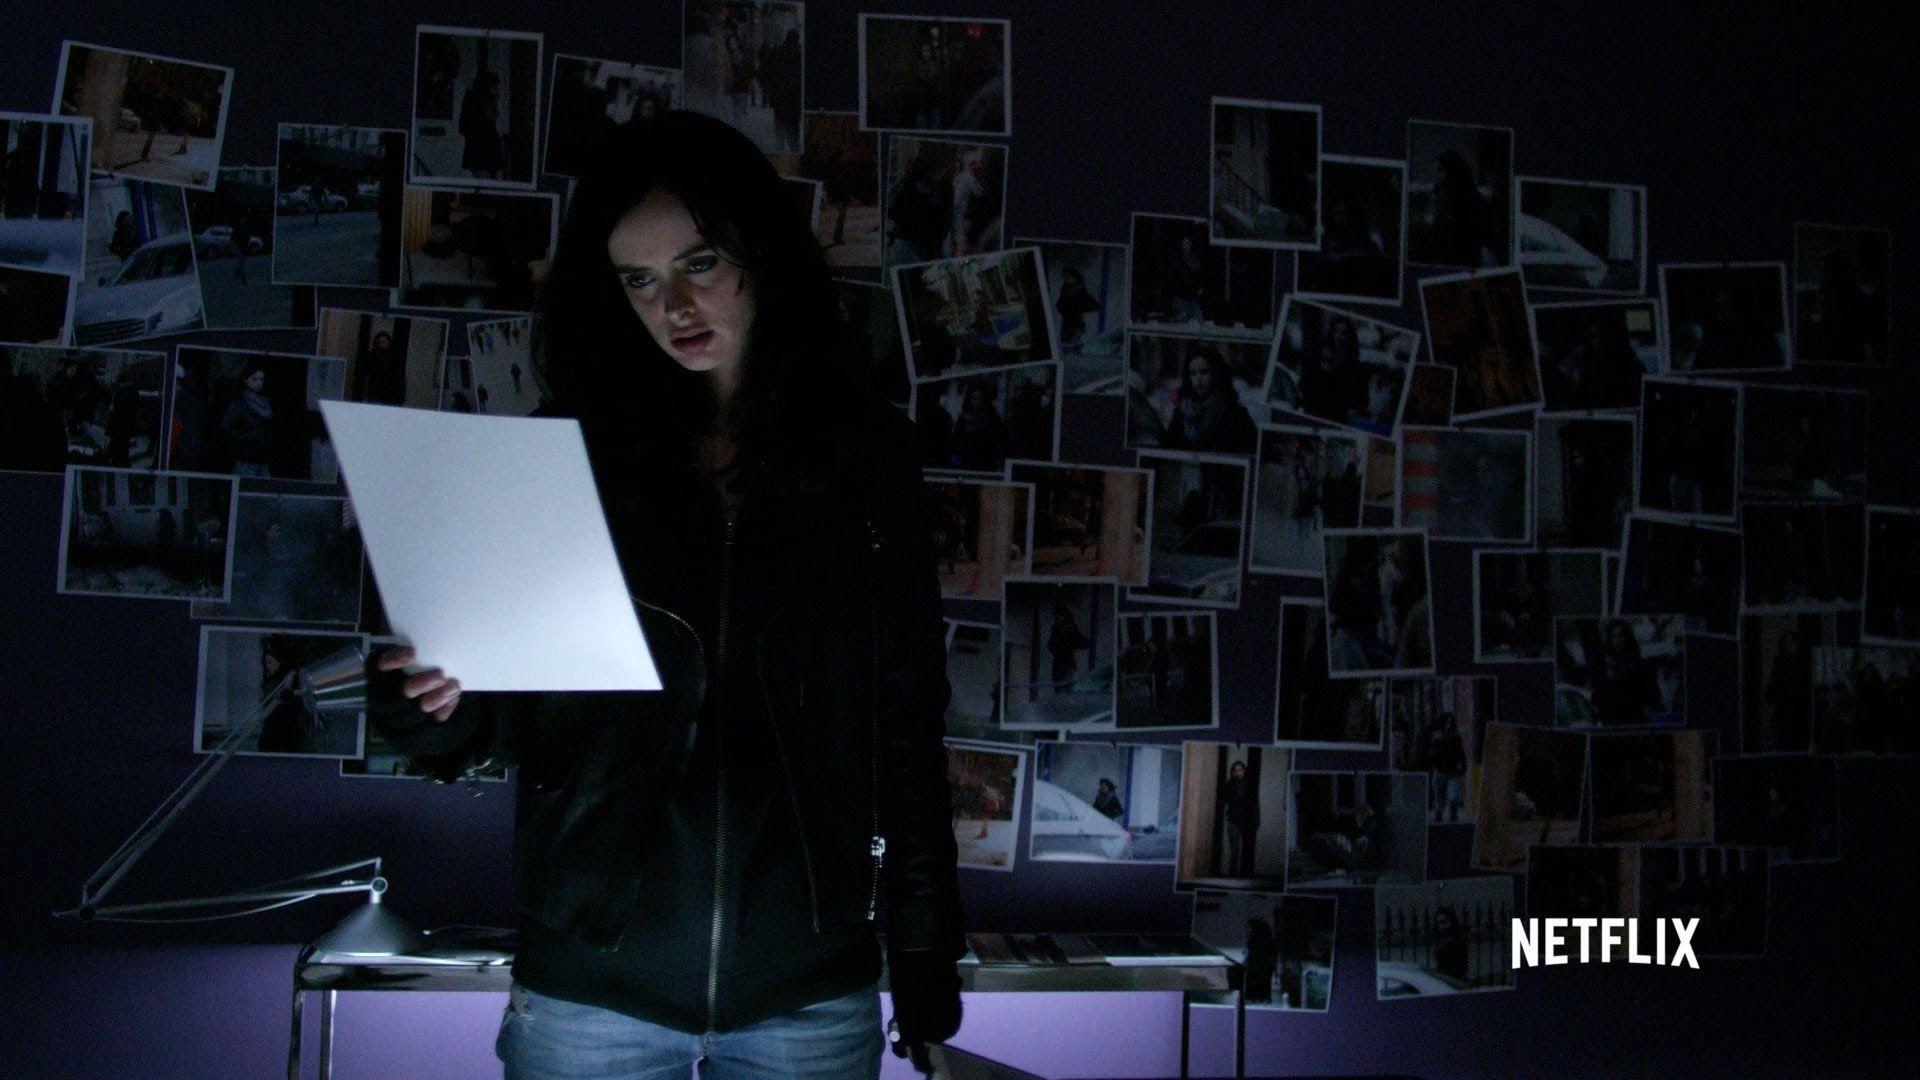 Meet Jessica Jones - Marvel's Jessica Jones Trailer 1 - YouTube